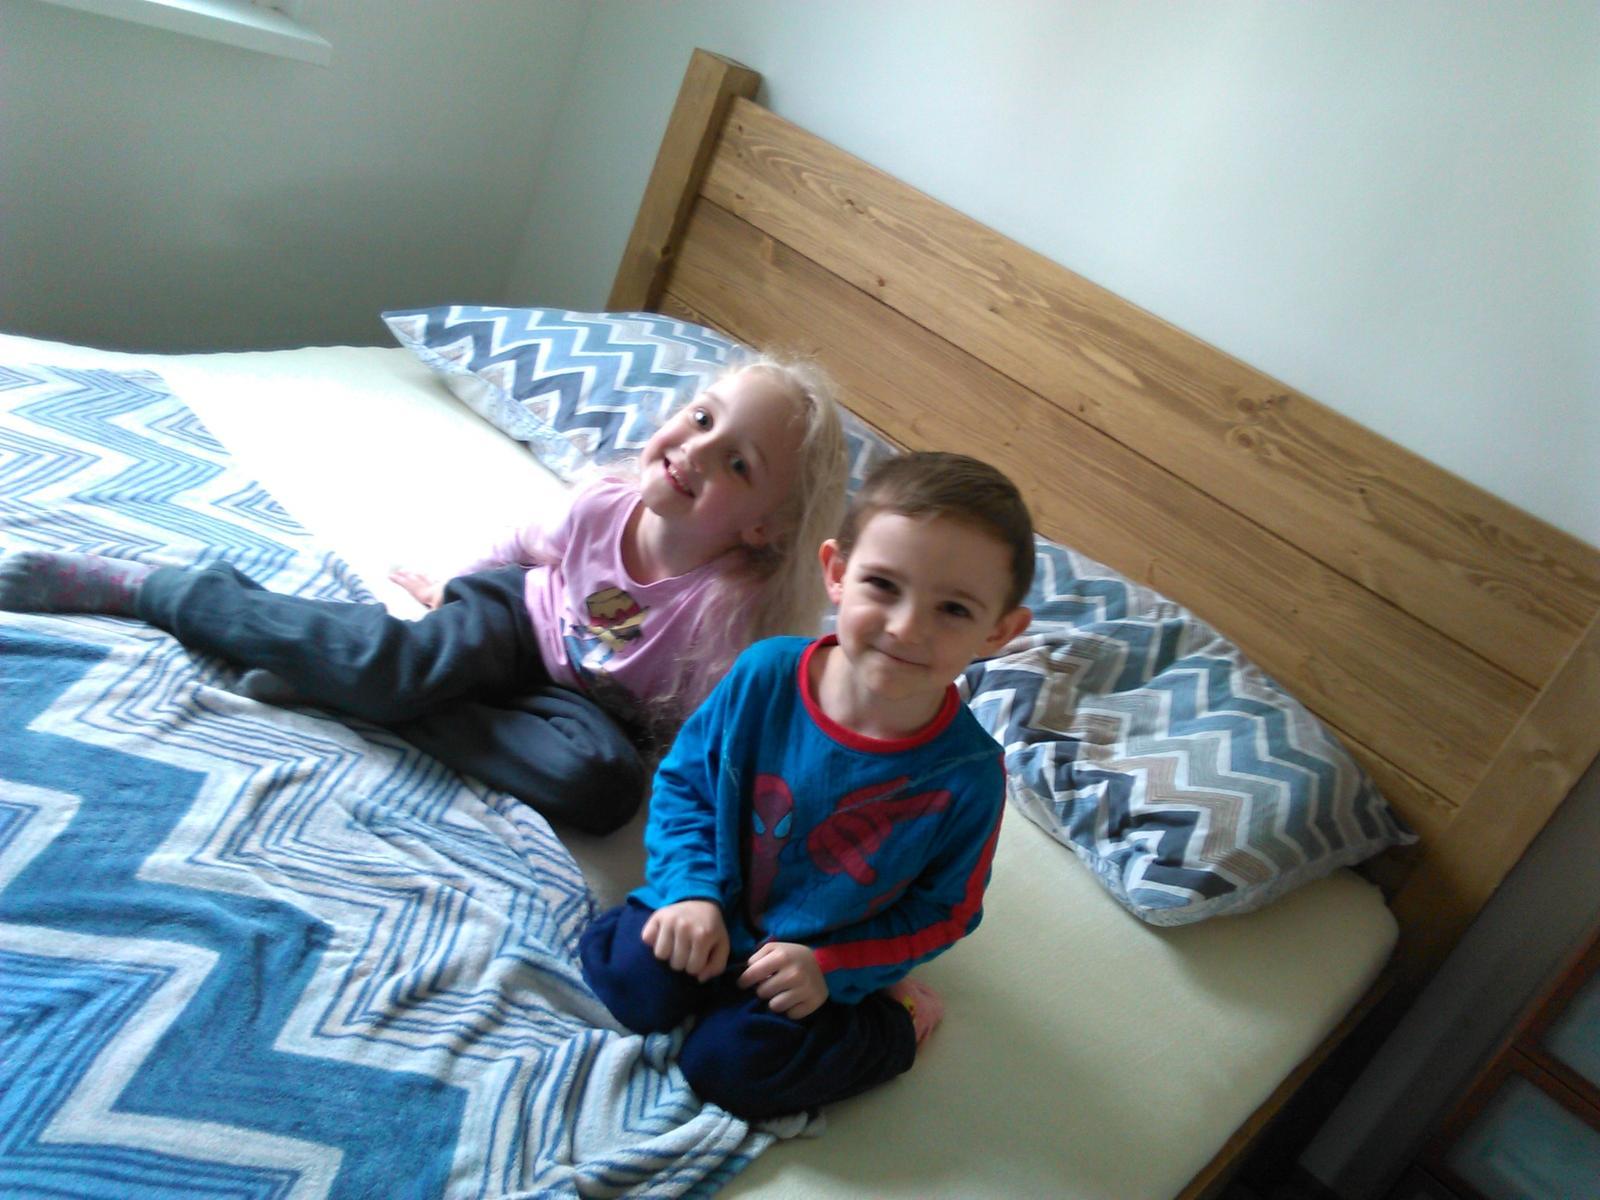 Naše nová, borovicová postel, GABON BIG, hlavové čelo zvýšené na 115 cm :-) ...je super! - Obrázek č. 2